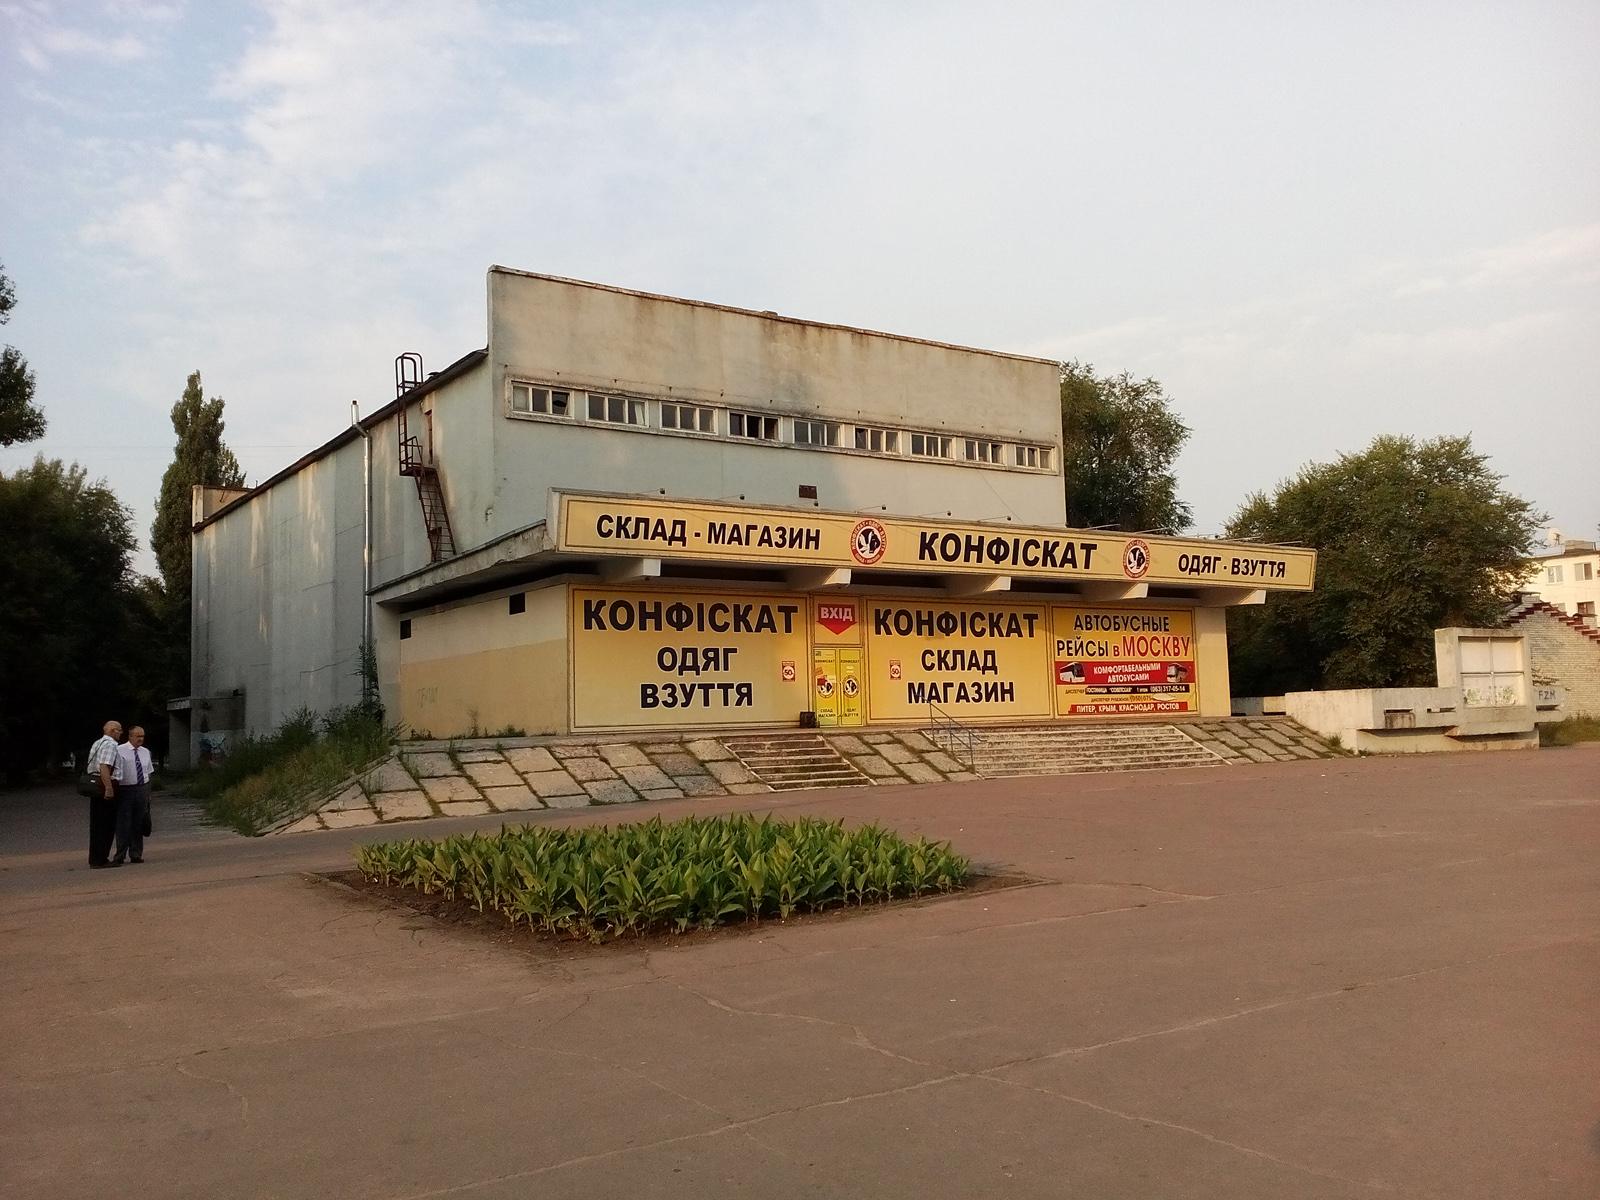 Центр кинотеатр Юность